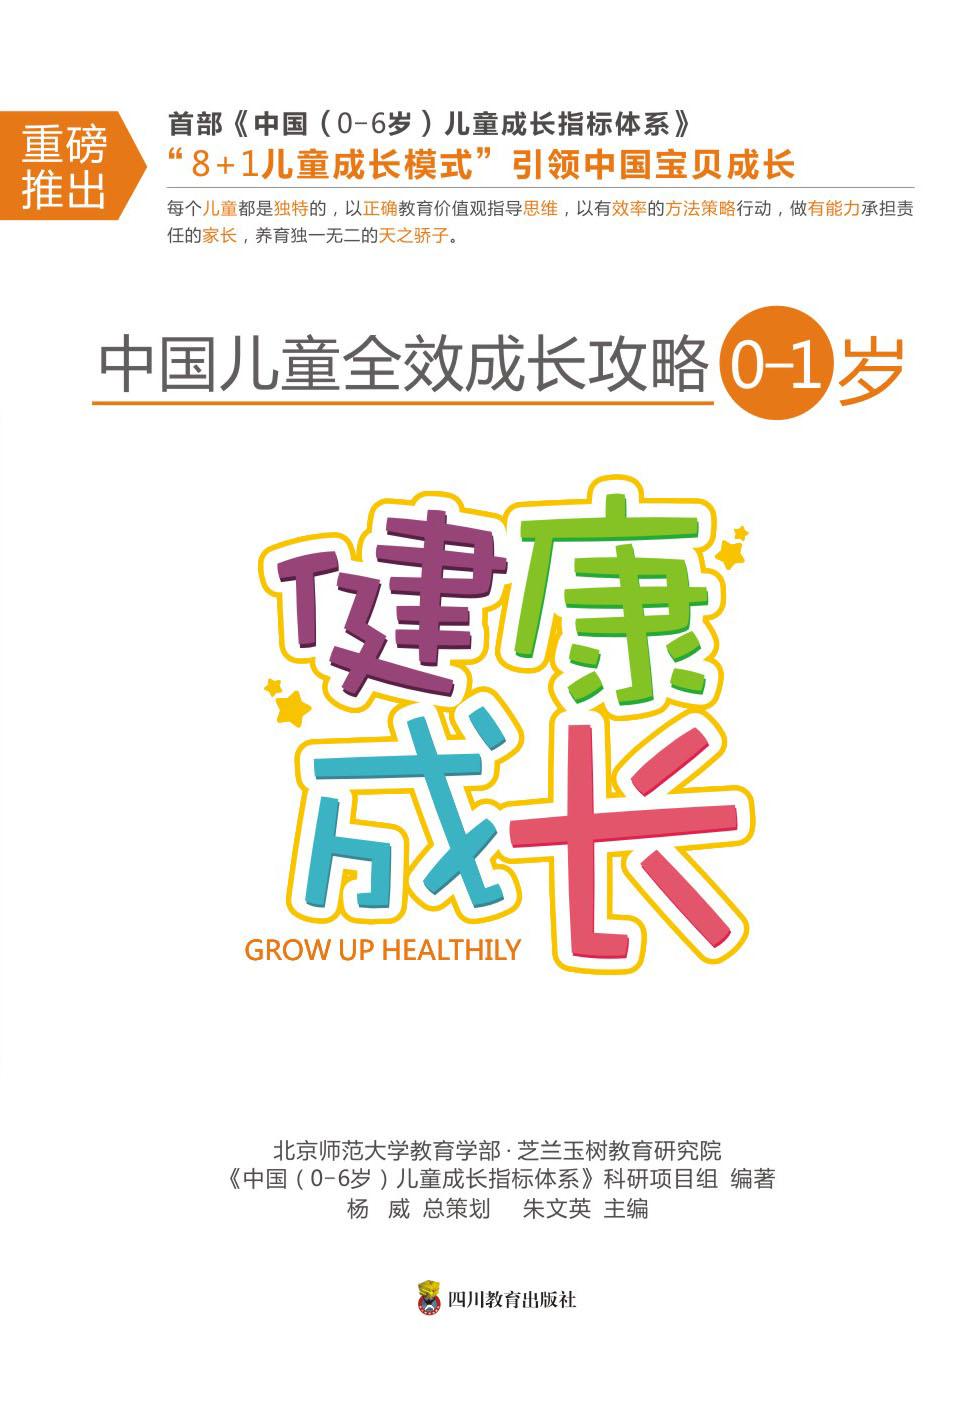 中国儿童亚博体育app官方下载苹果yabosports官网攻略·(0-1岁)健康yabosports官网